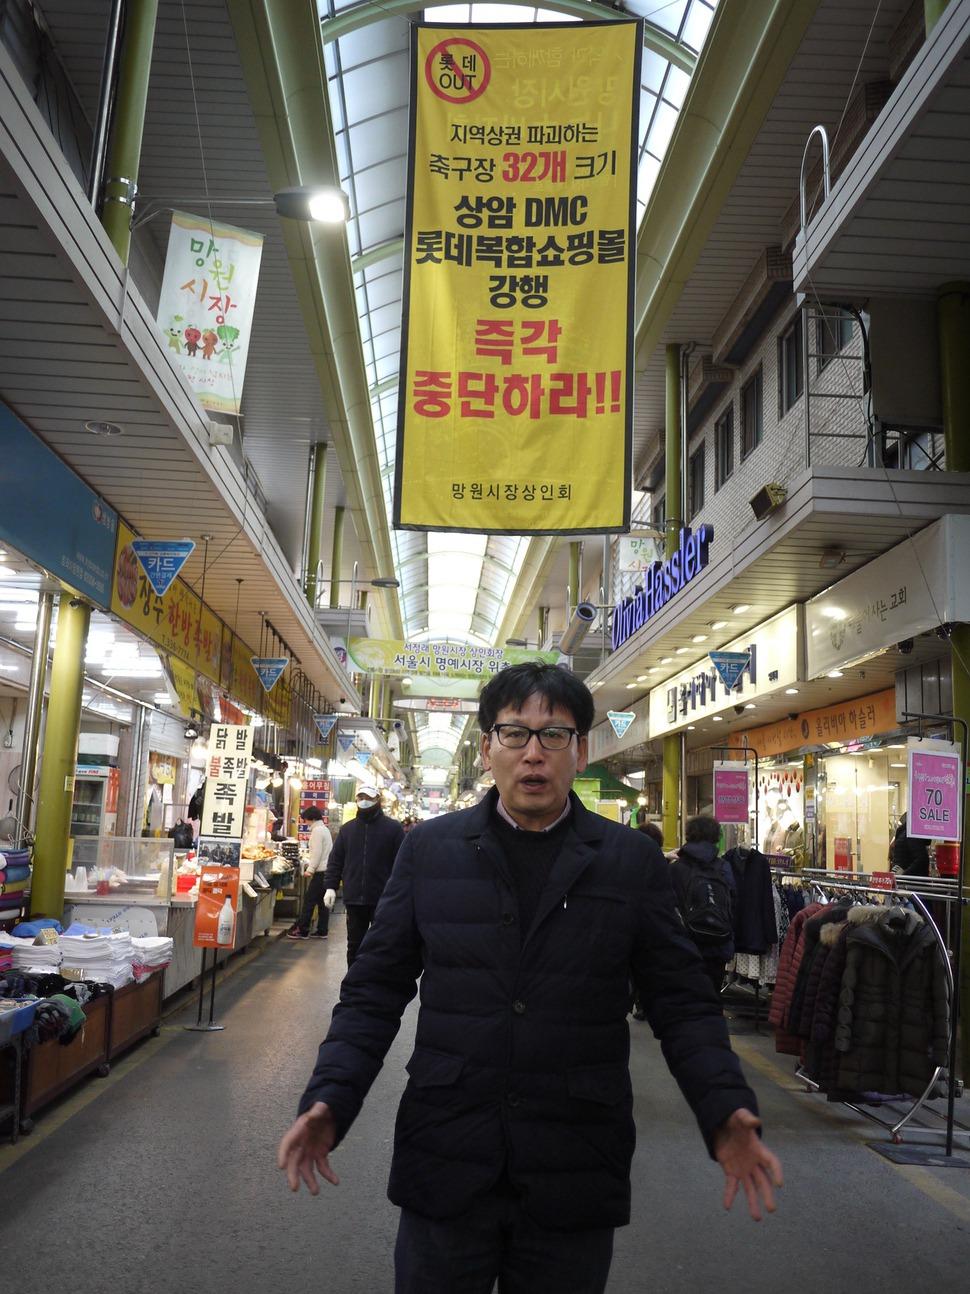 대형마트 막아낸 망원시장, 복합쇼핑몰 앞에 '망연자실' : 전국 : 사회 : 뉴스 : 한겨레